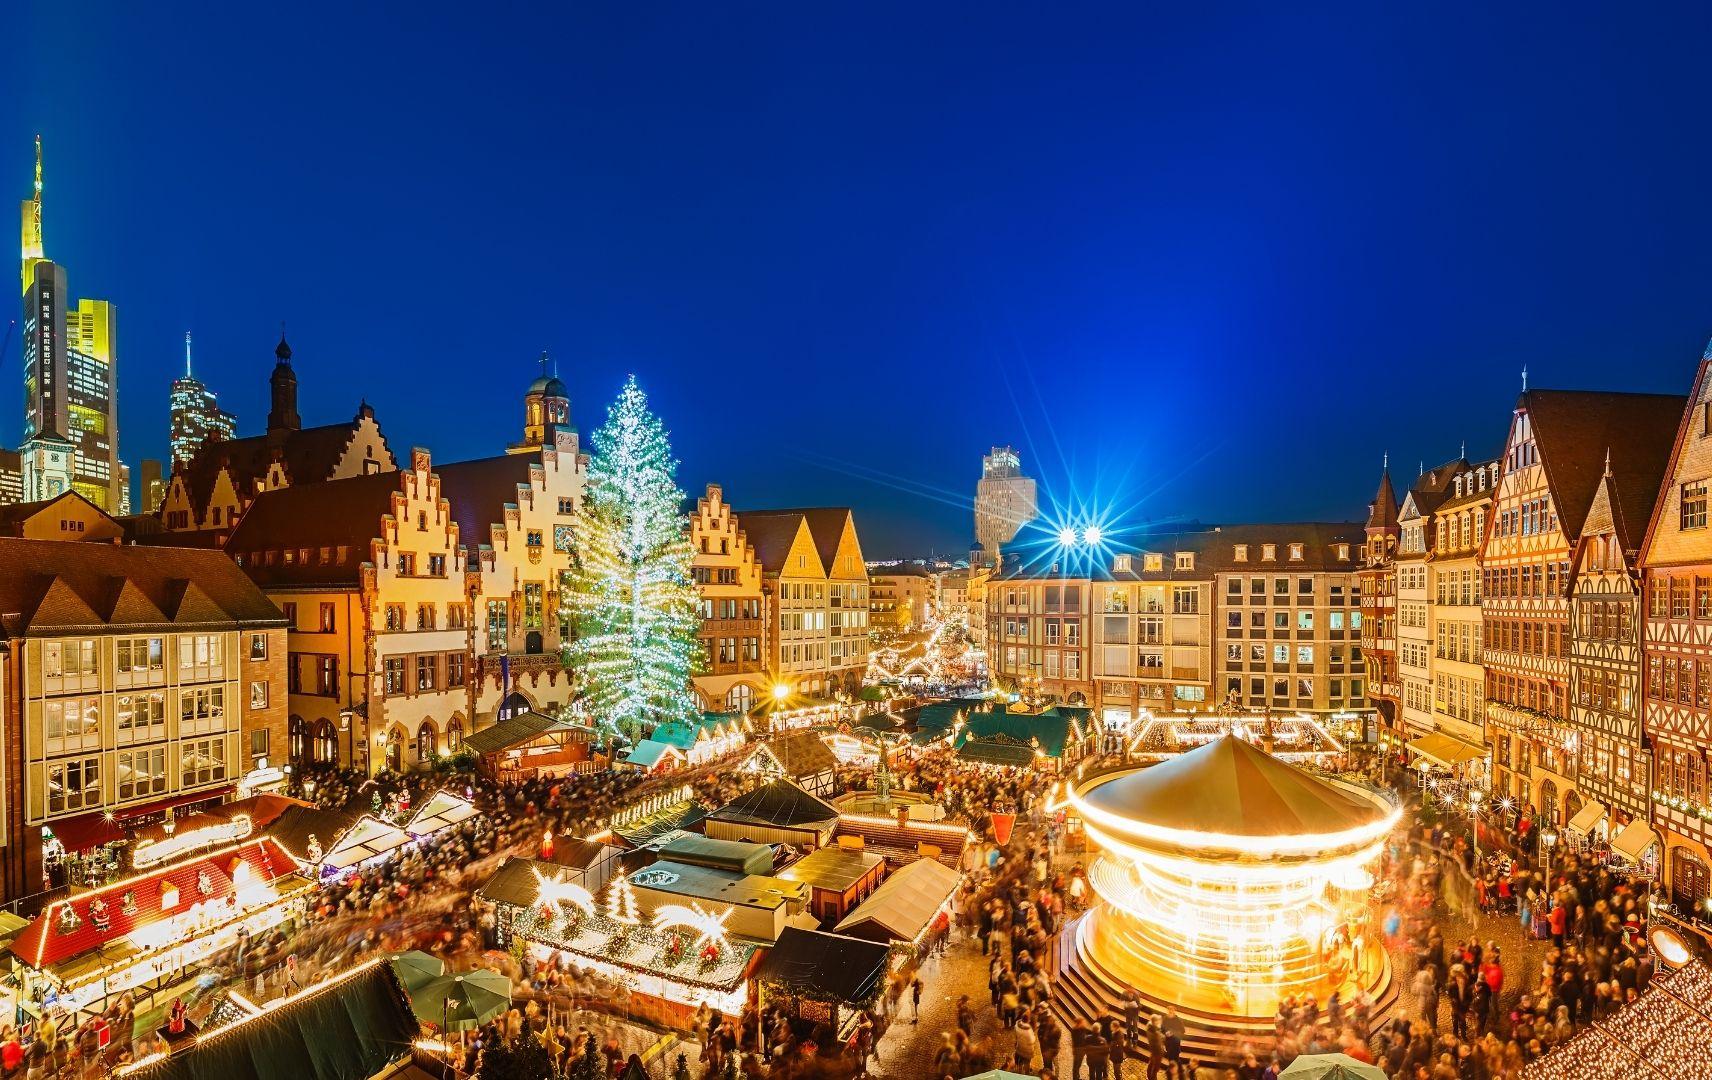 Weihnachten - Frankrufter Weihnachtsmarkt